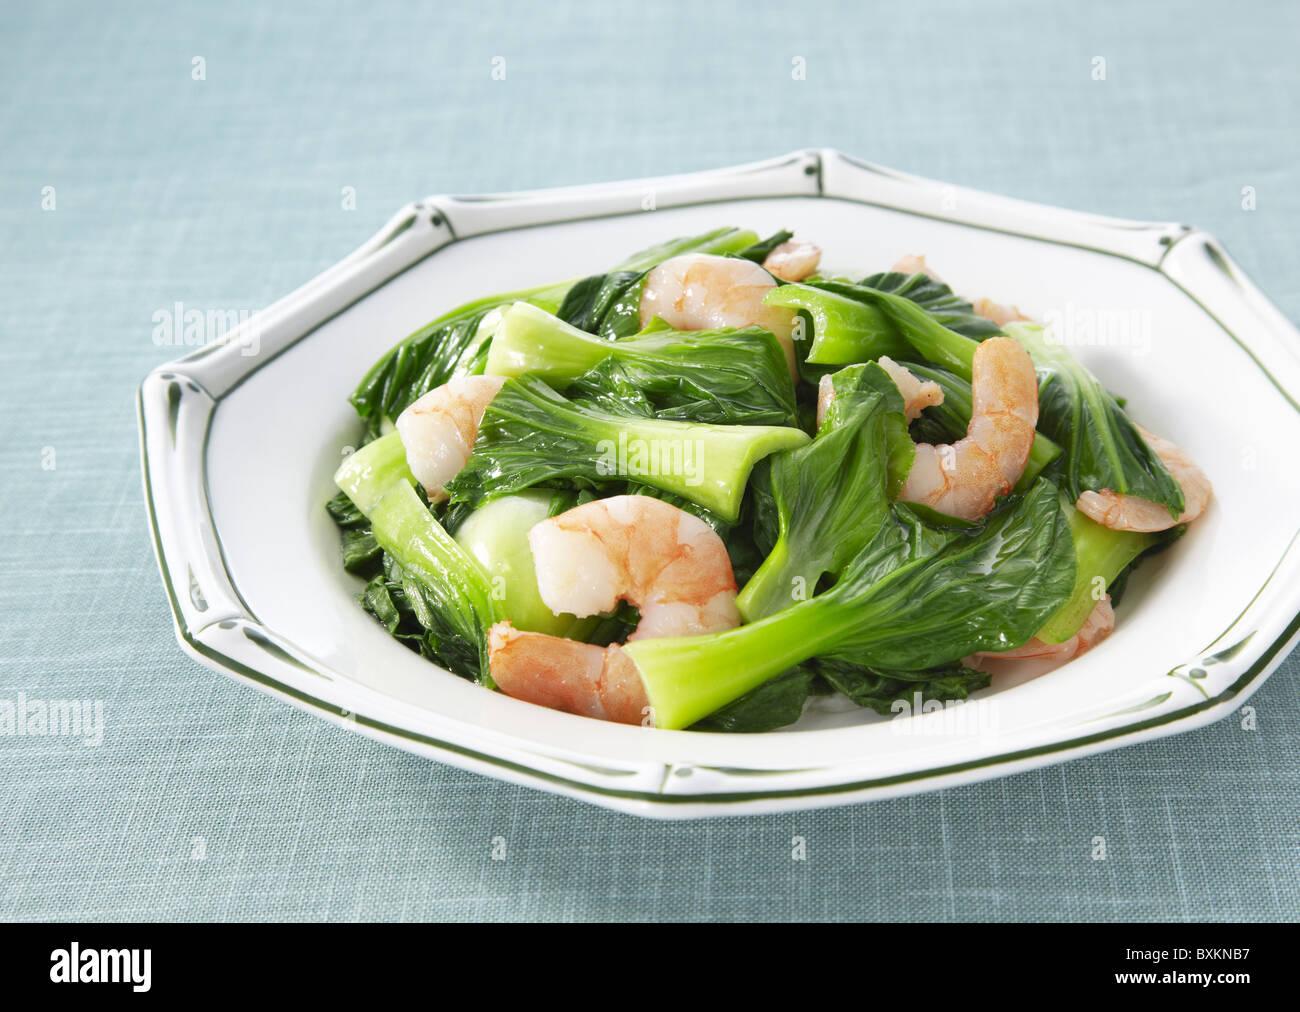 Stir fried shrimp and bok choy - Stock Image